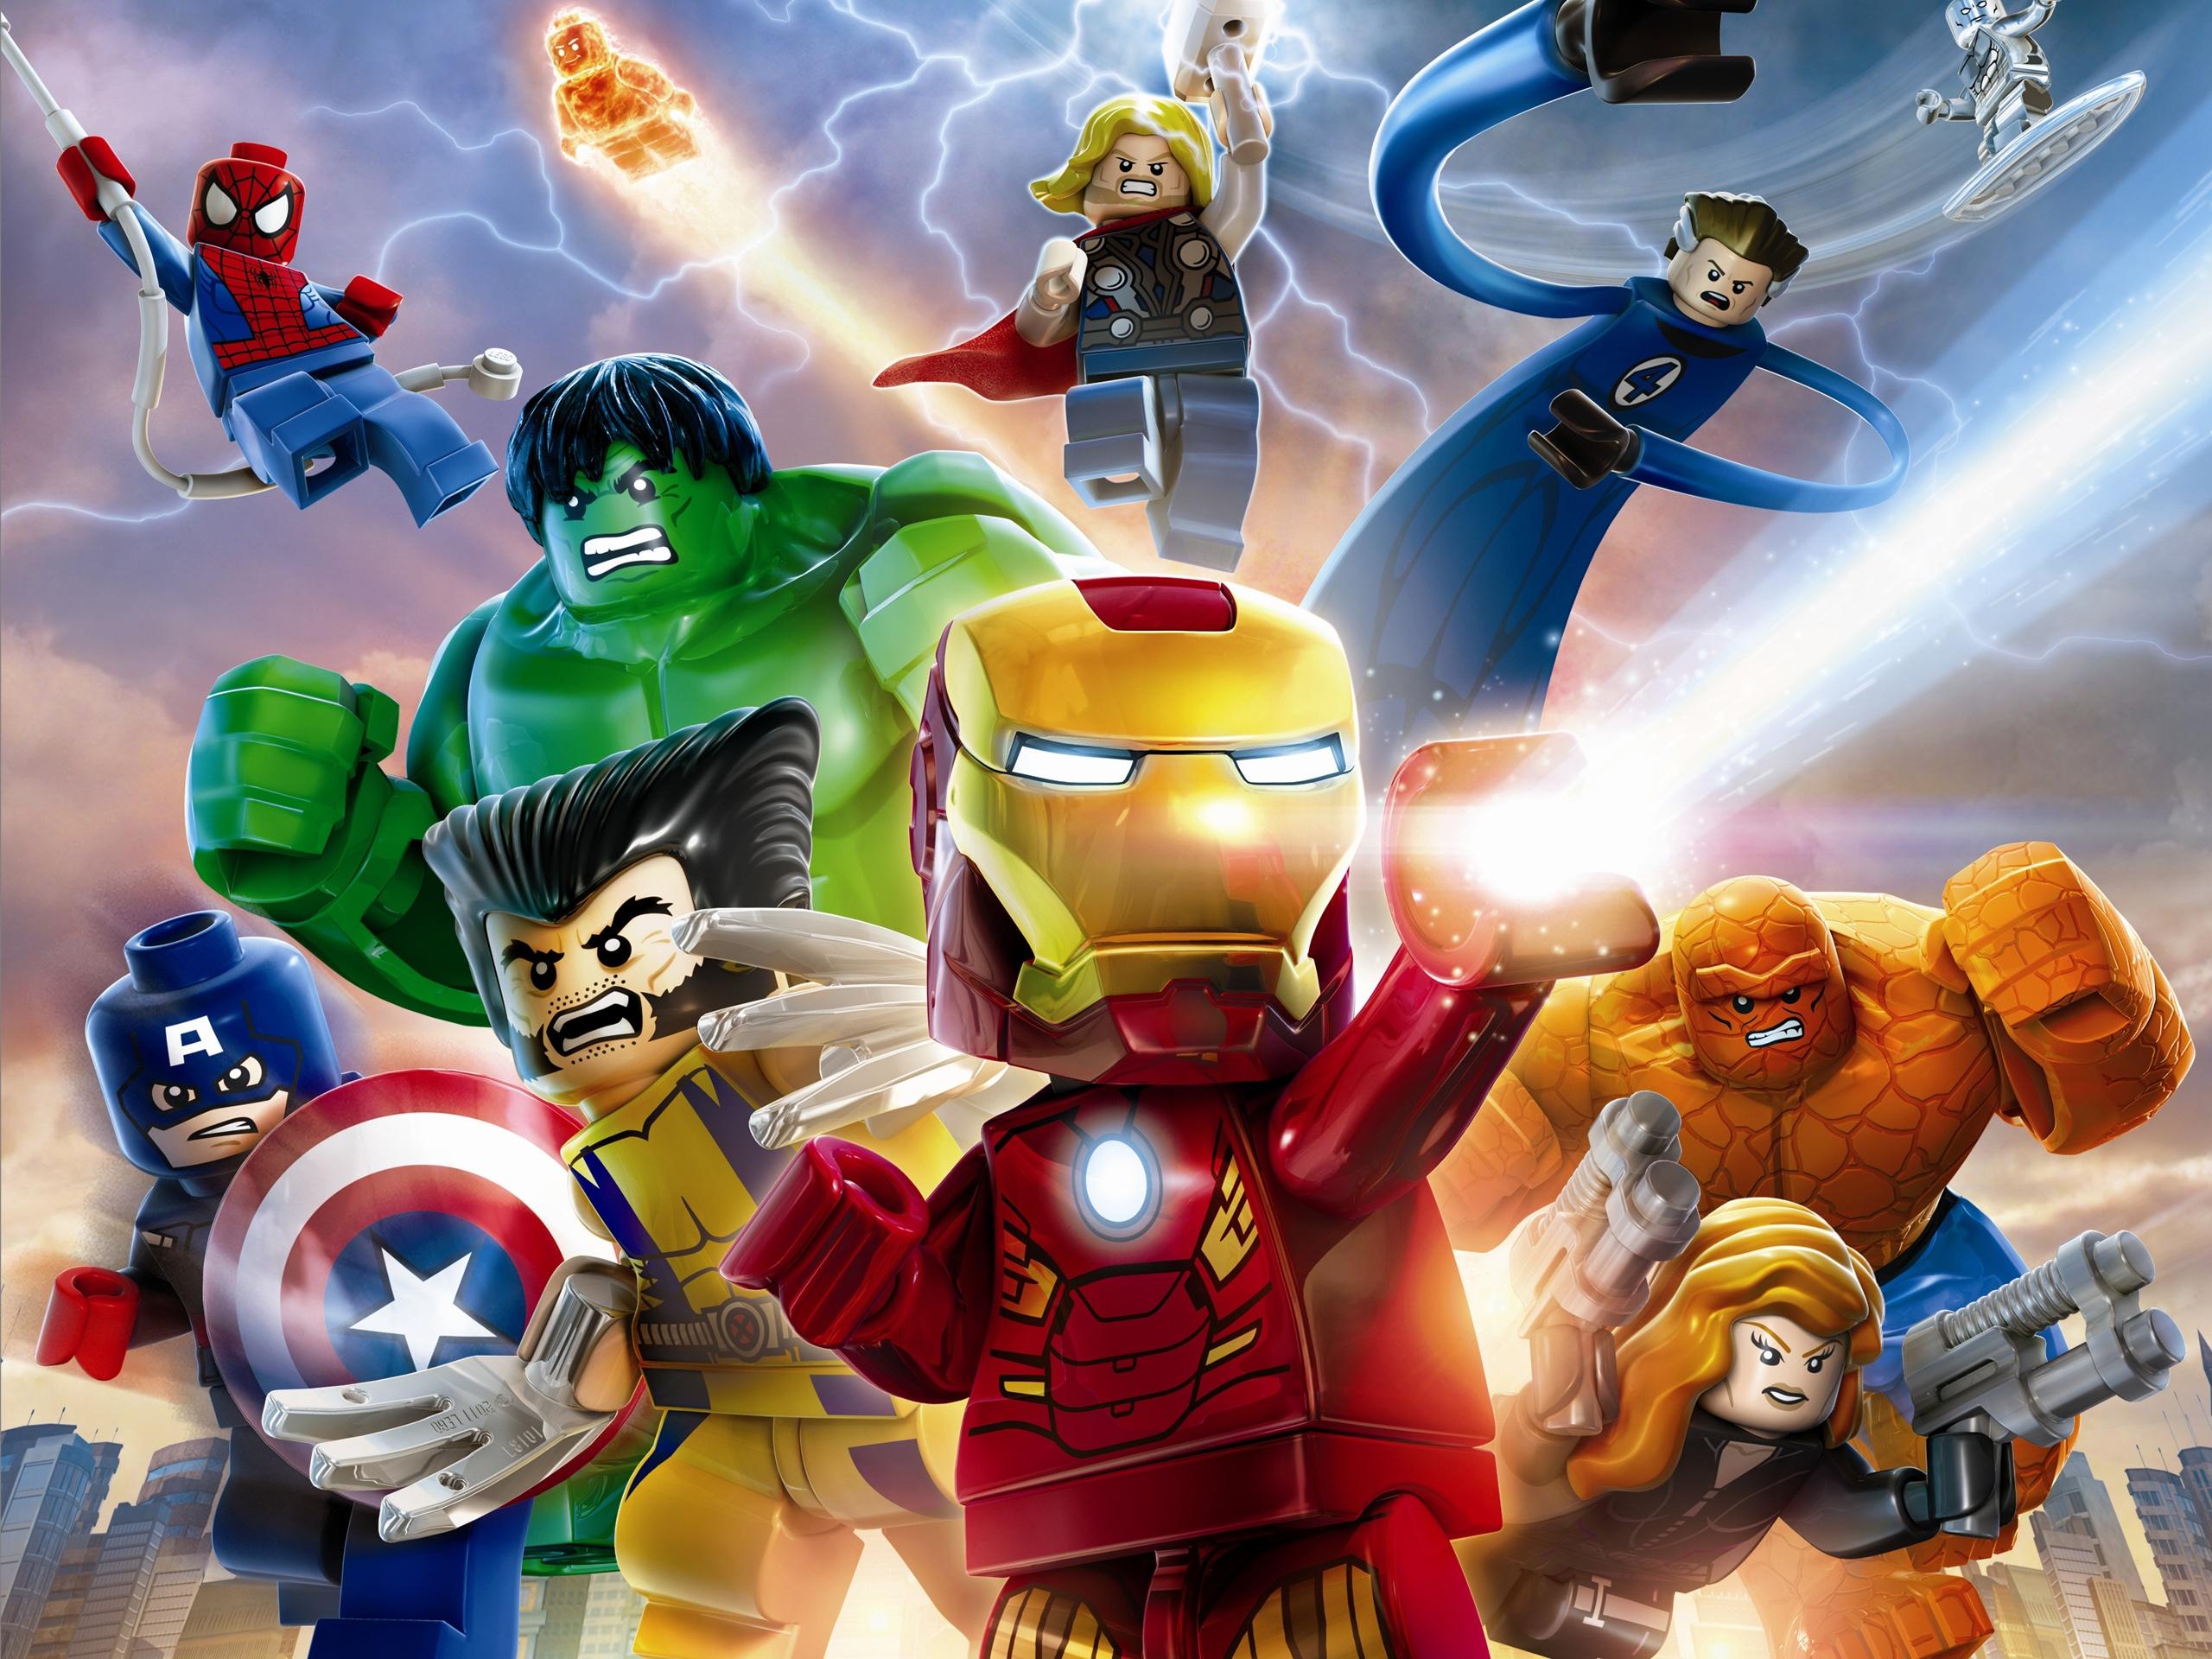 Lego Marvel Super Heroes Wallpapers Desktop Wallpaper Wallpapers 2560x1920